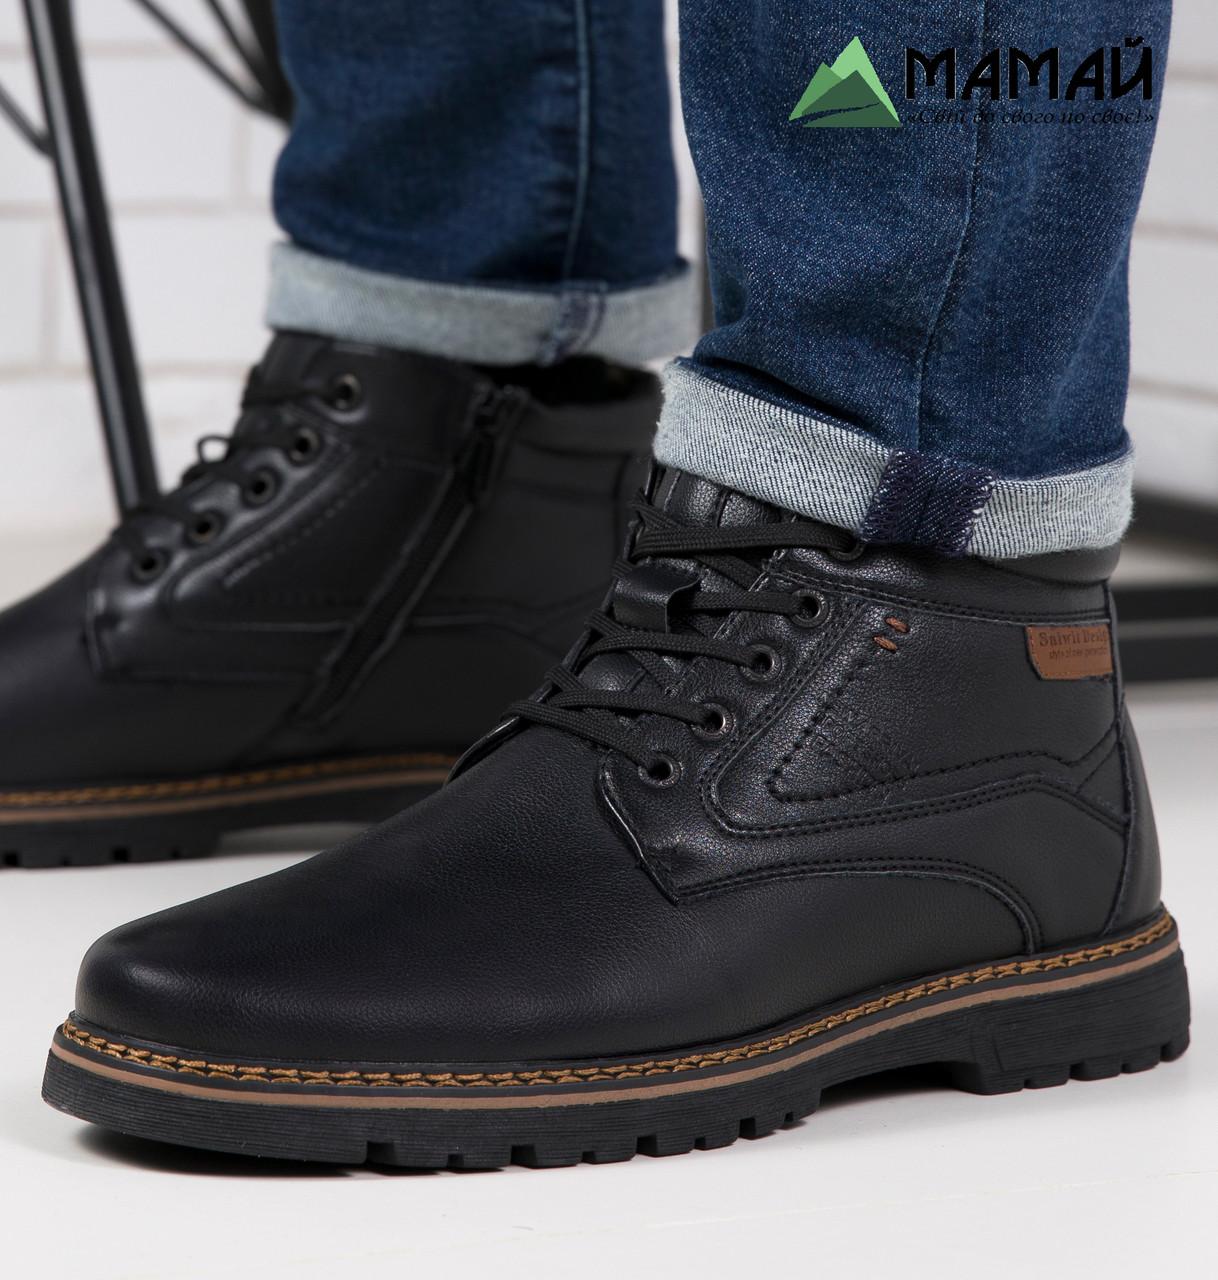 Ботинки мужские зимние на меху -20 °C